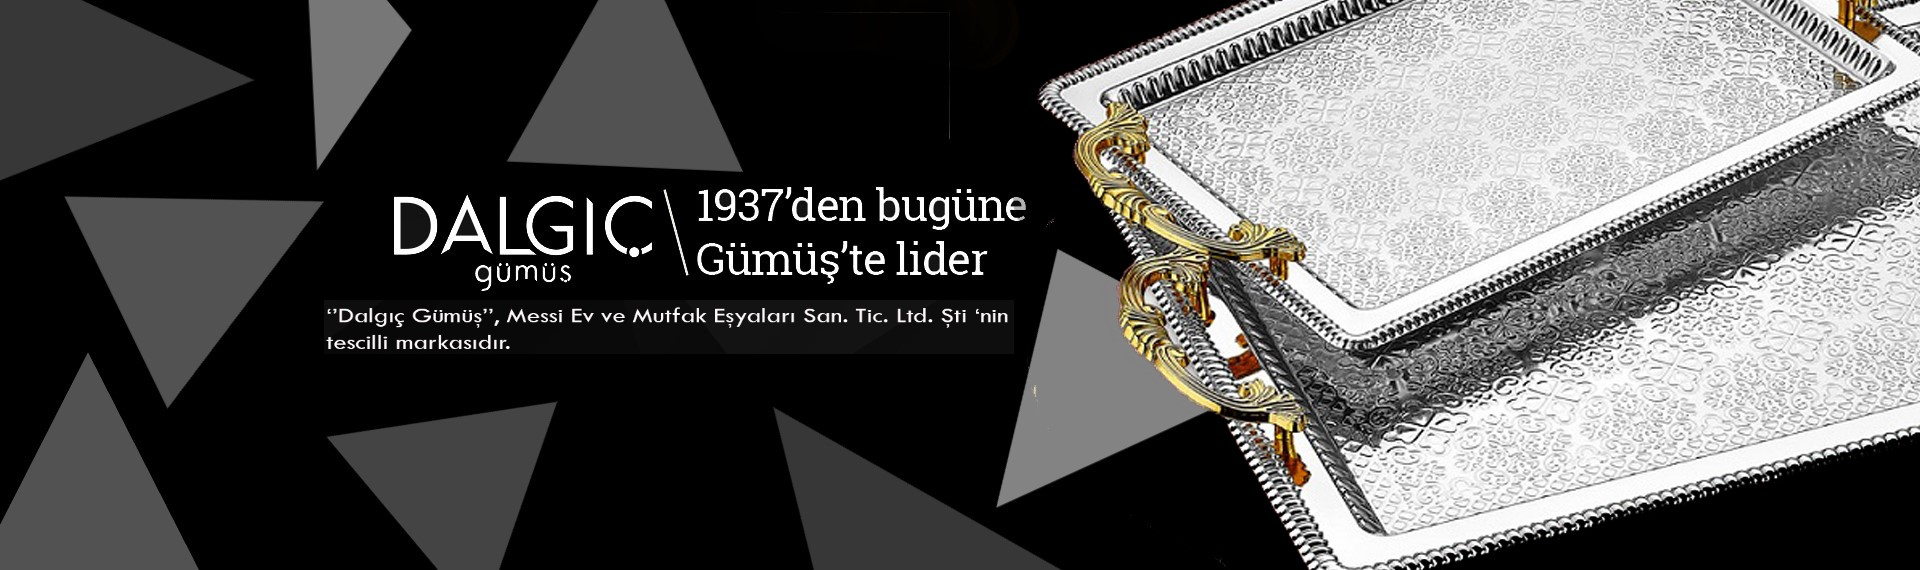 1937'den bugüne Gümüş'te lider